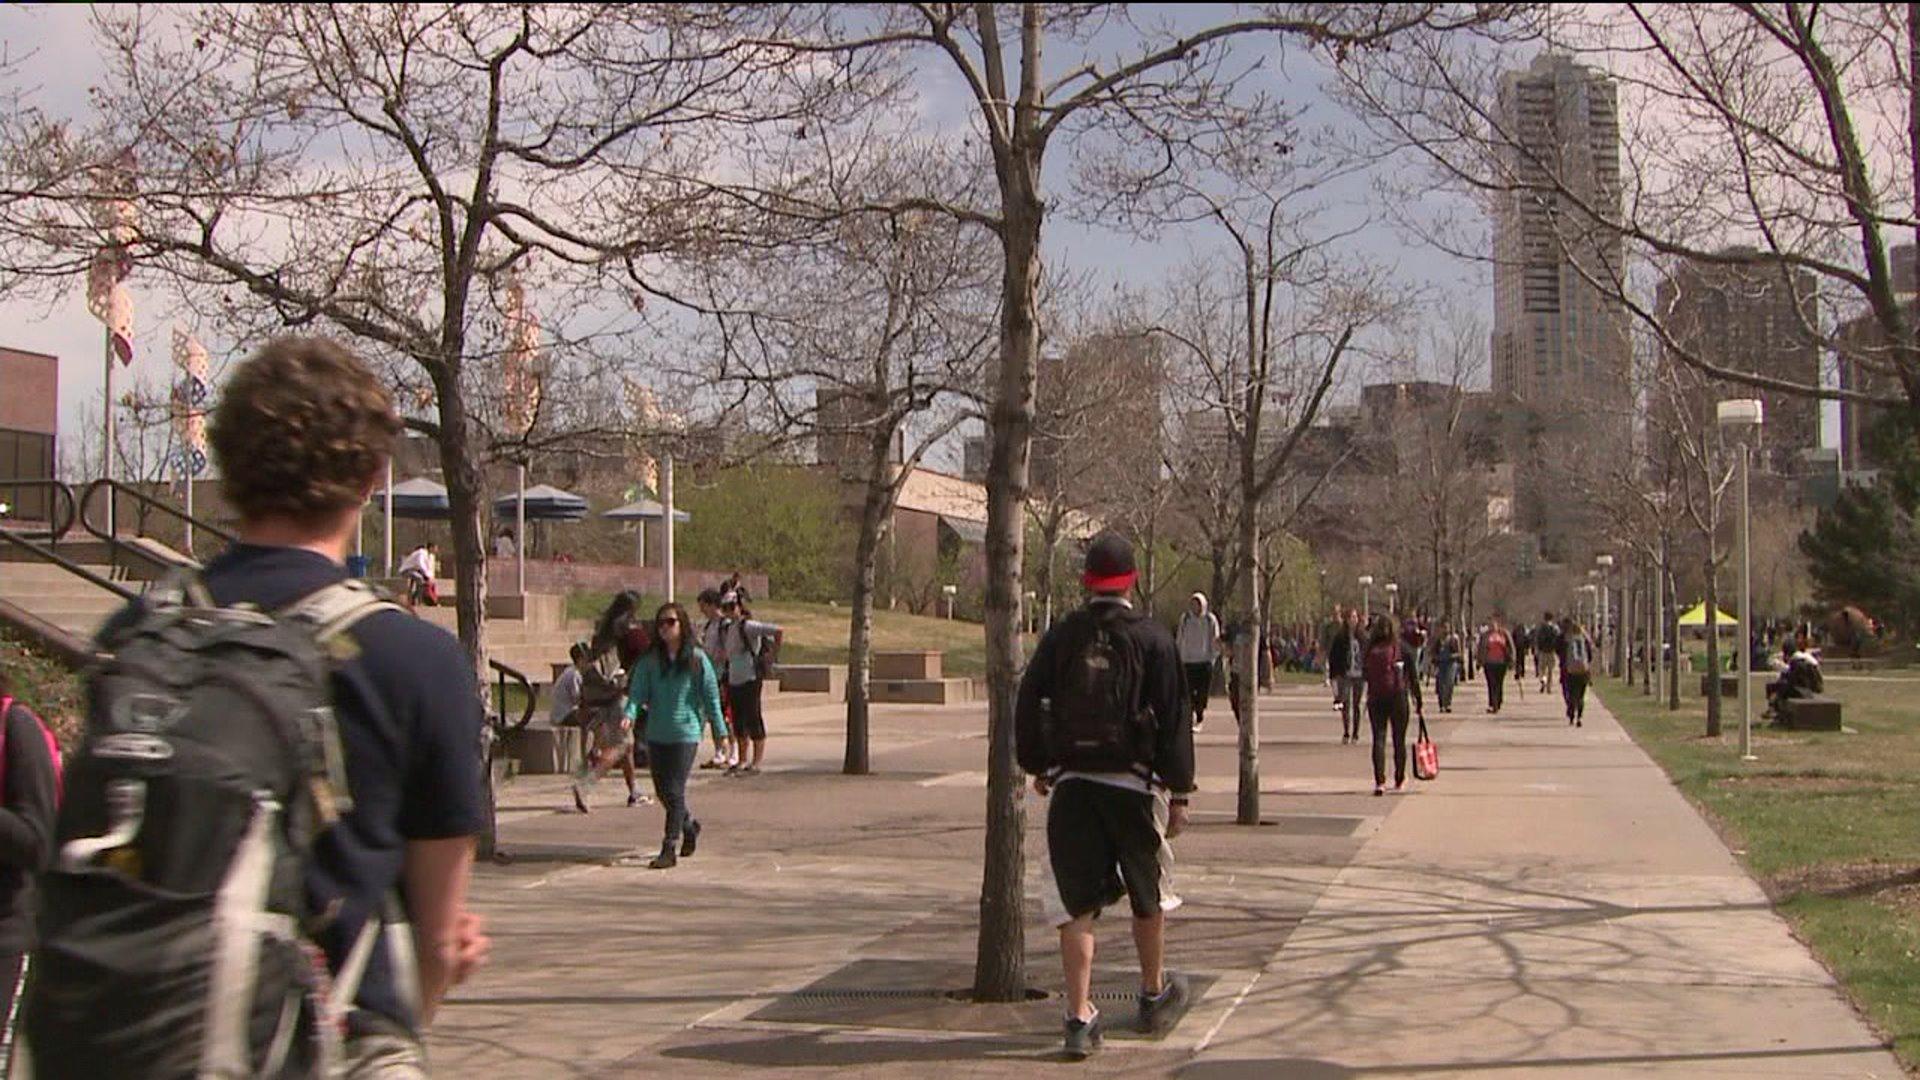 Metro State University in Denver